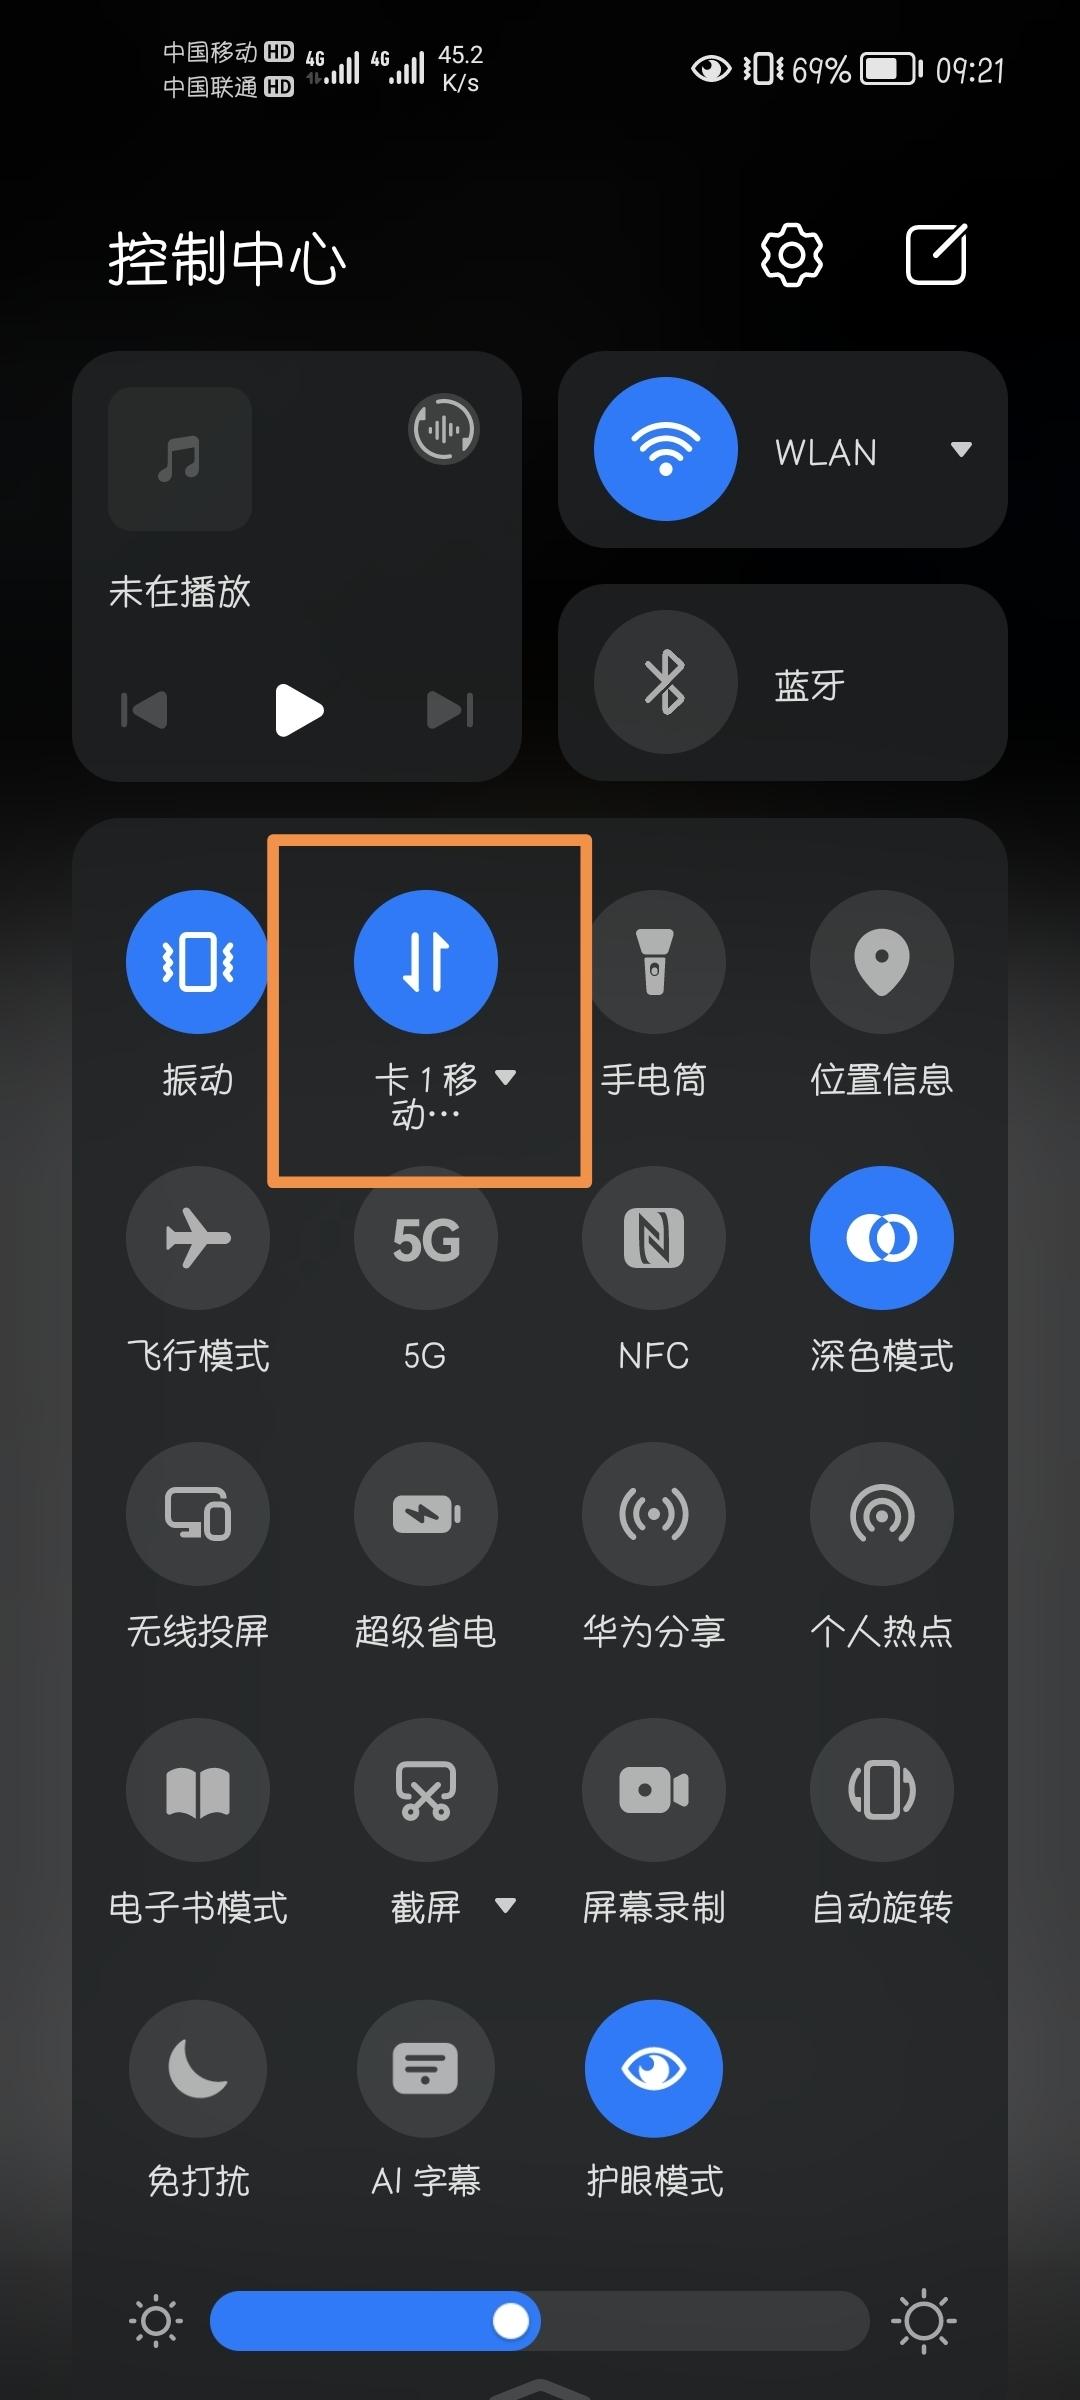 Screenshot_20210924_092130.jpg